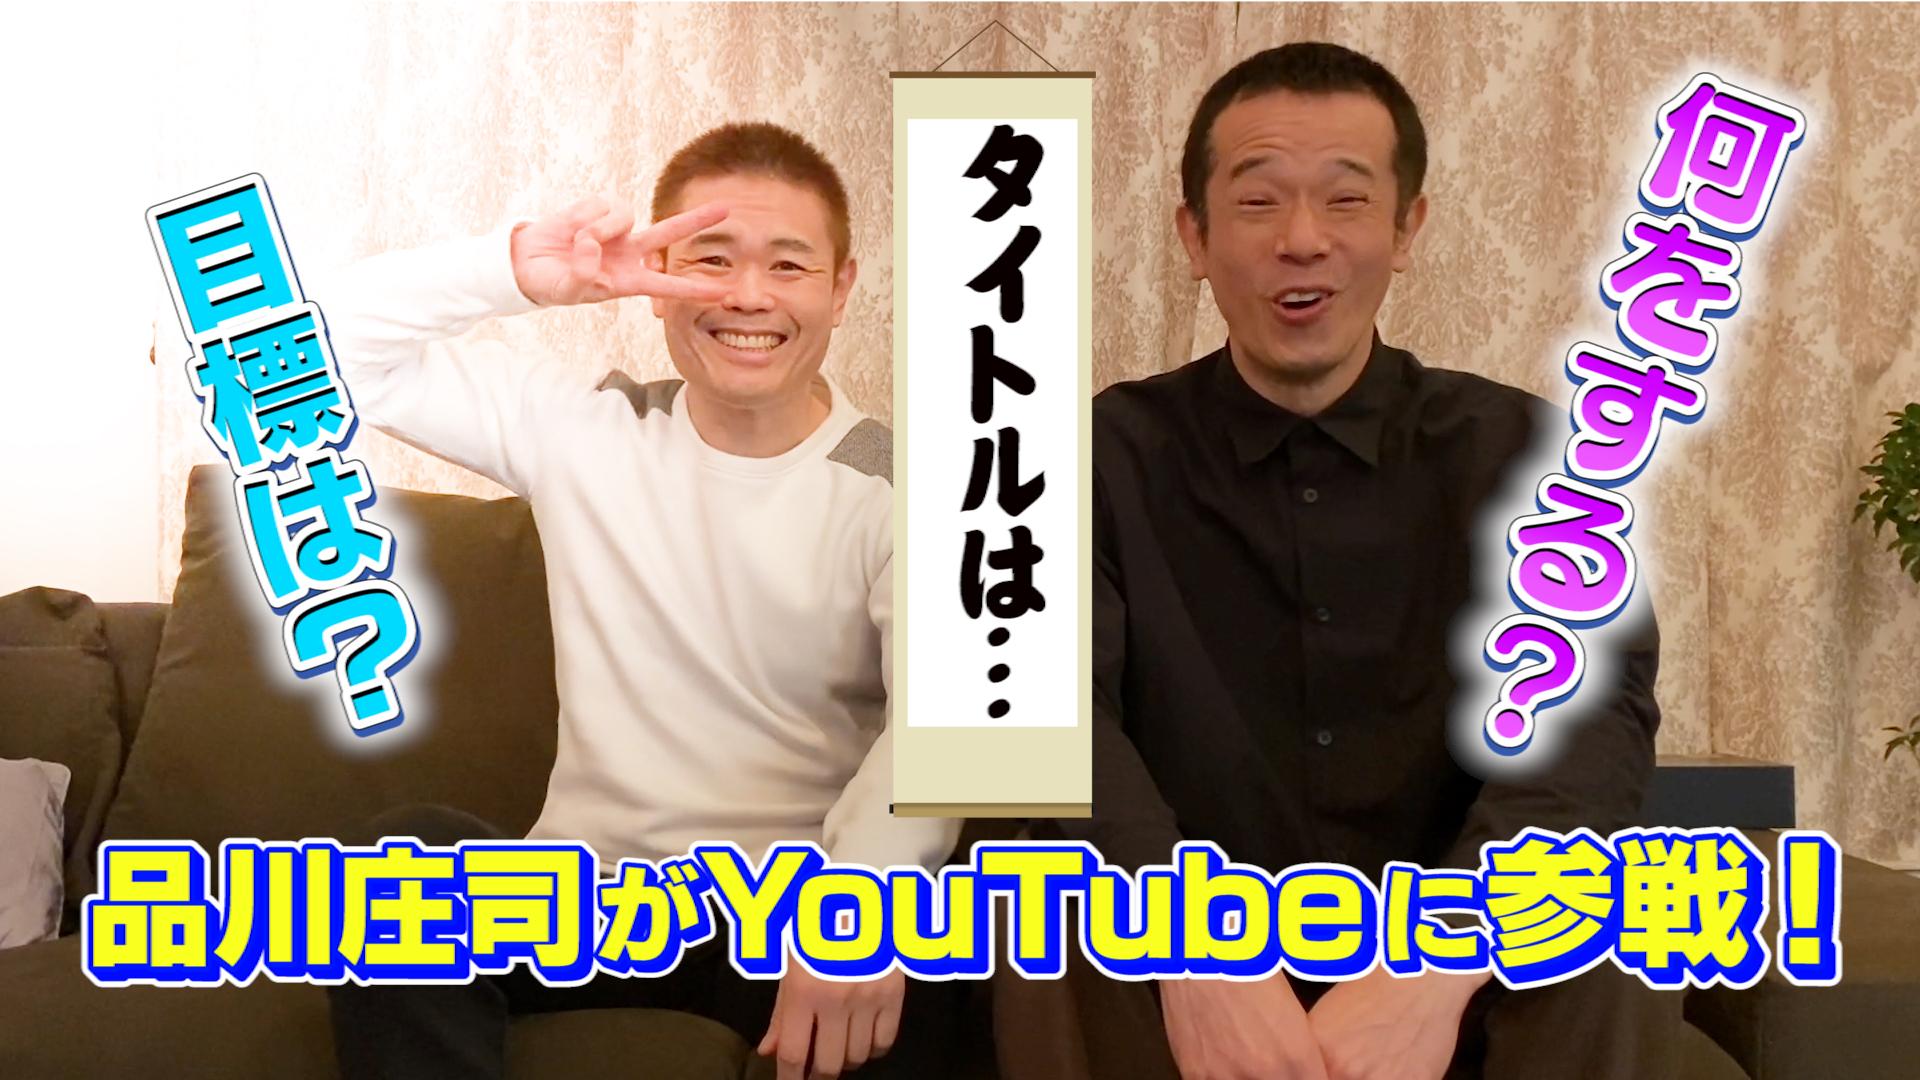 品川庄司公式YouTubeチャンネル